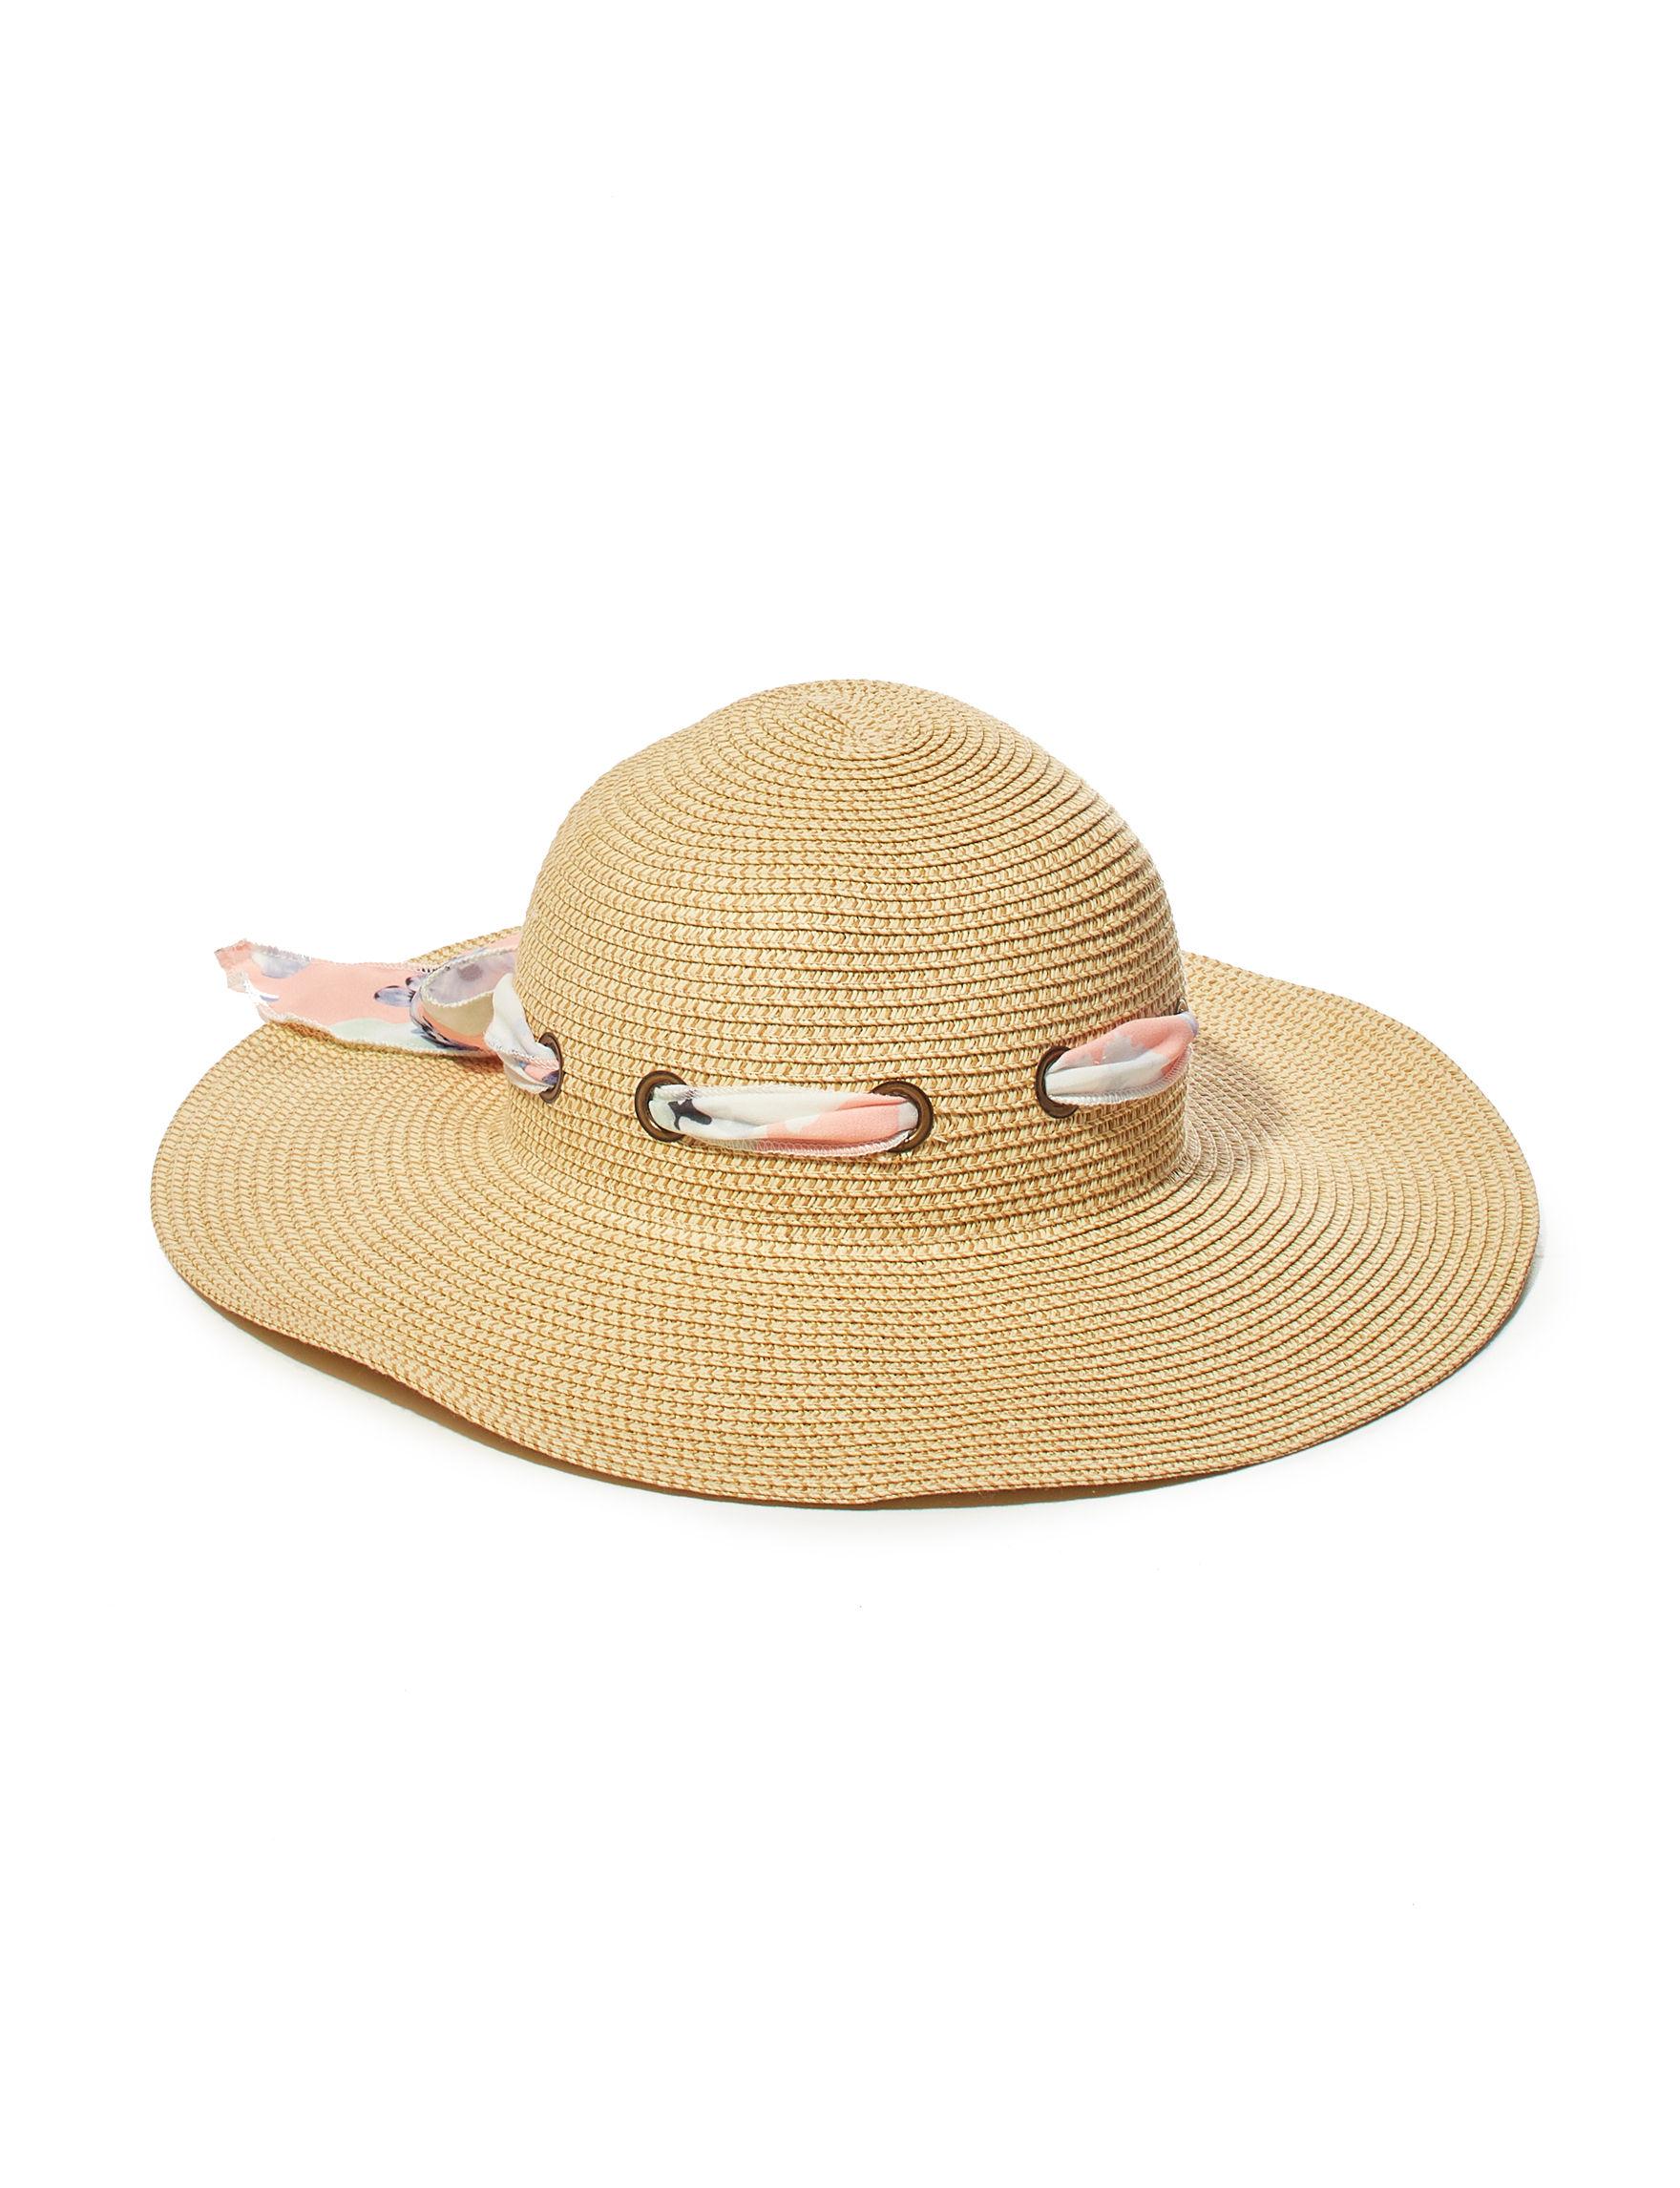 Amiee Lynn Tan Hats & Headwear Floppy Hats